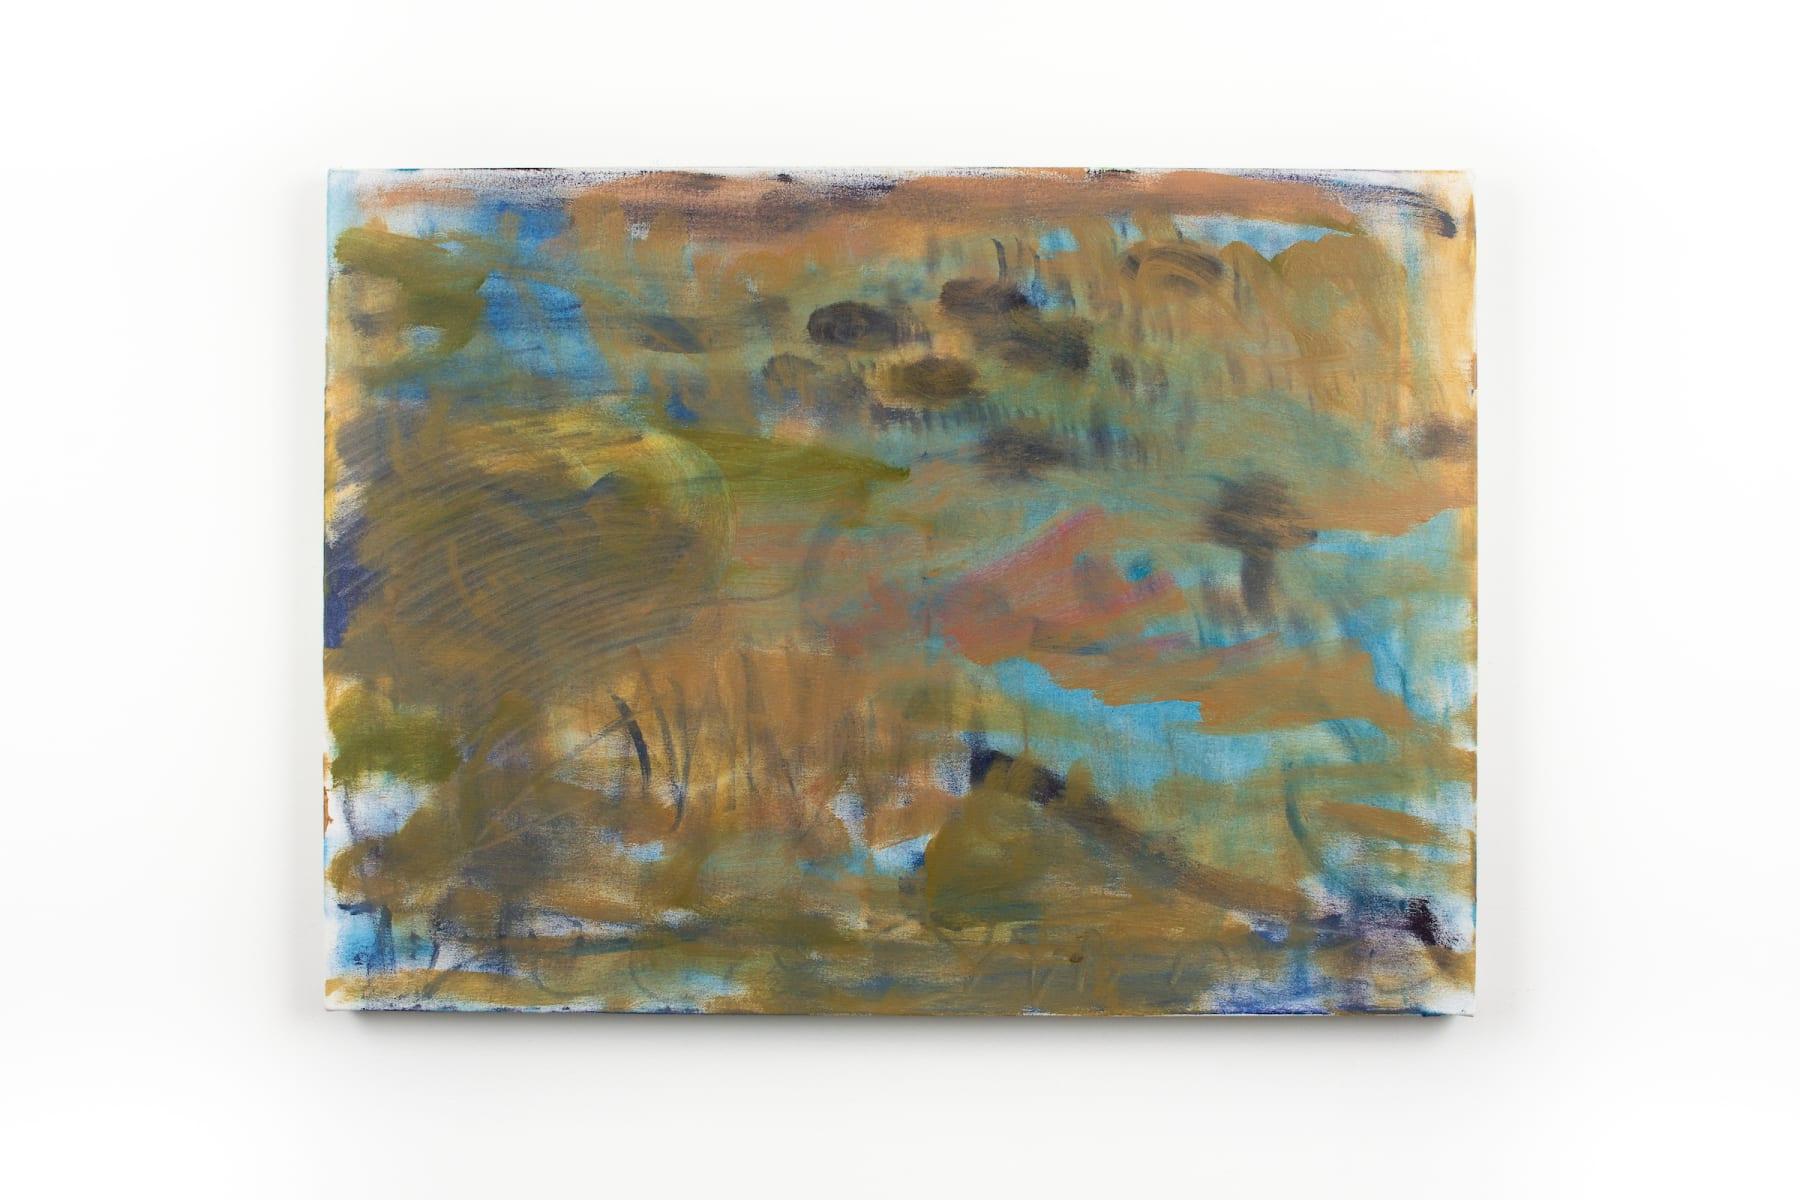 Trevor Shimizu, Marsh Small (1), 2019